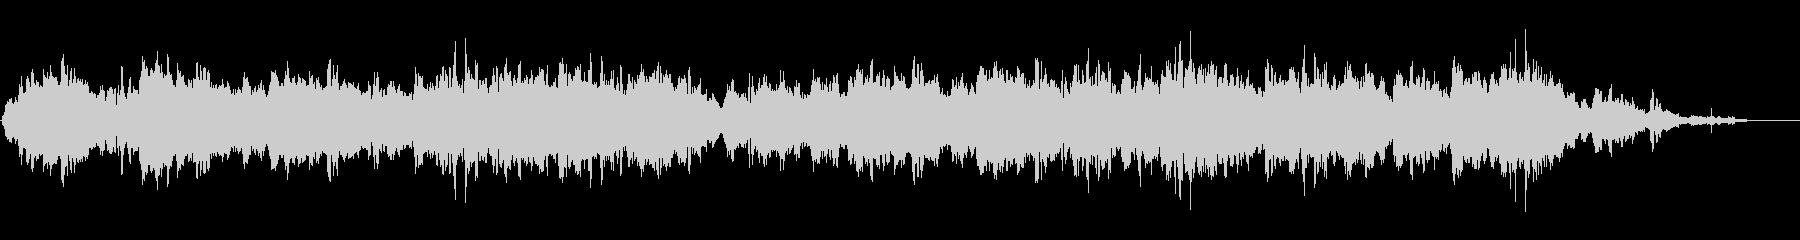 背景音 ホラー 17の未再生の波形